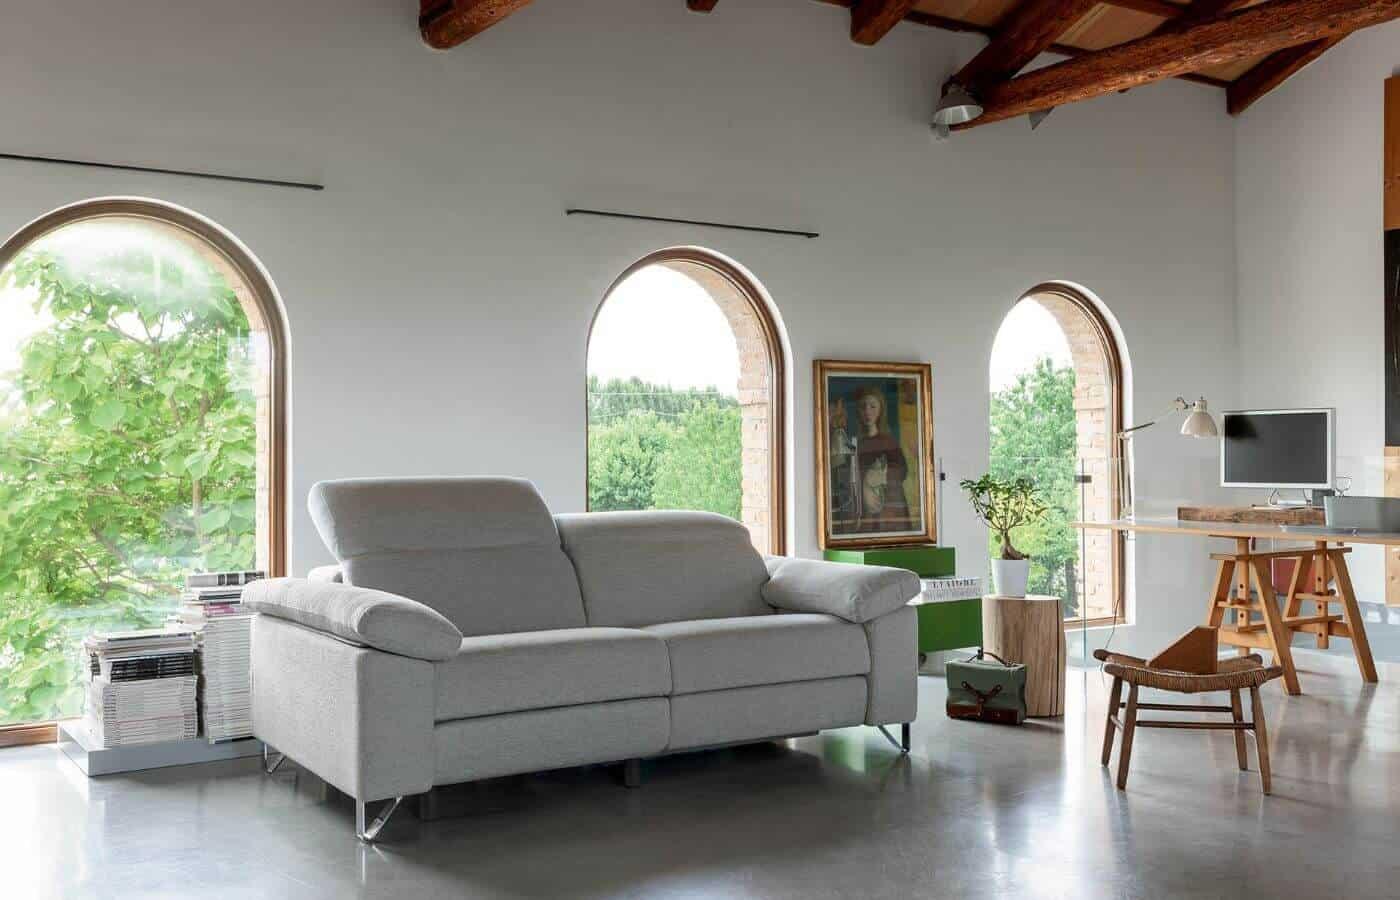 divani-relax-collezione-rialto-il-mobile (2)